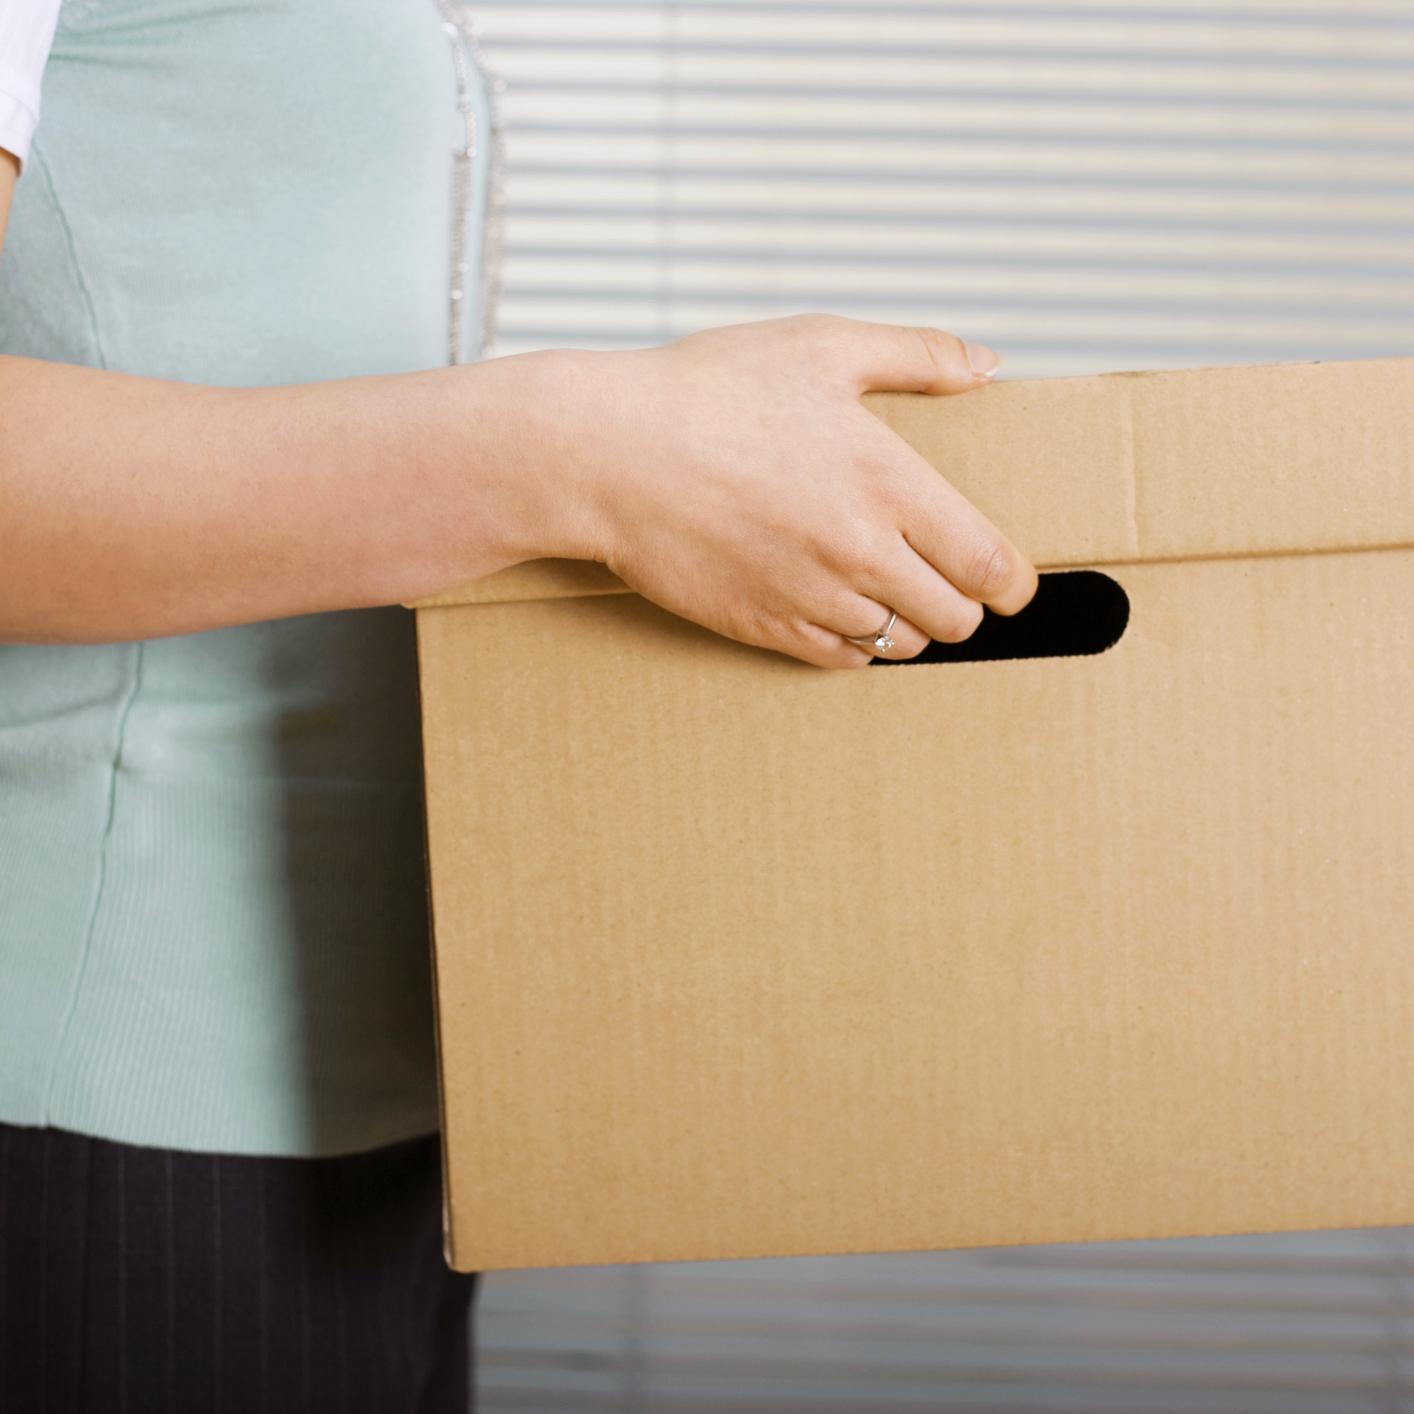 Alles over verhuizen binnen of naar Antwerpen of verhuizen naar het buitenland. Aangifte van adreswijziging, referentieadres of woningkaart.